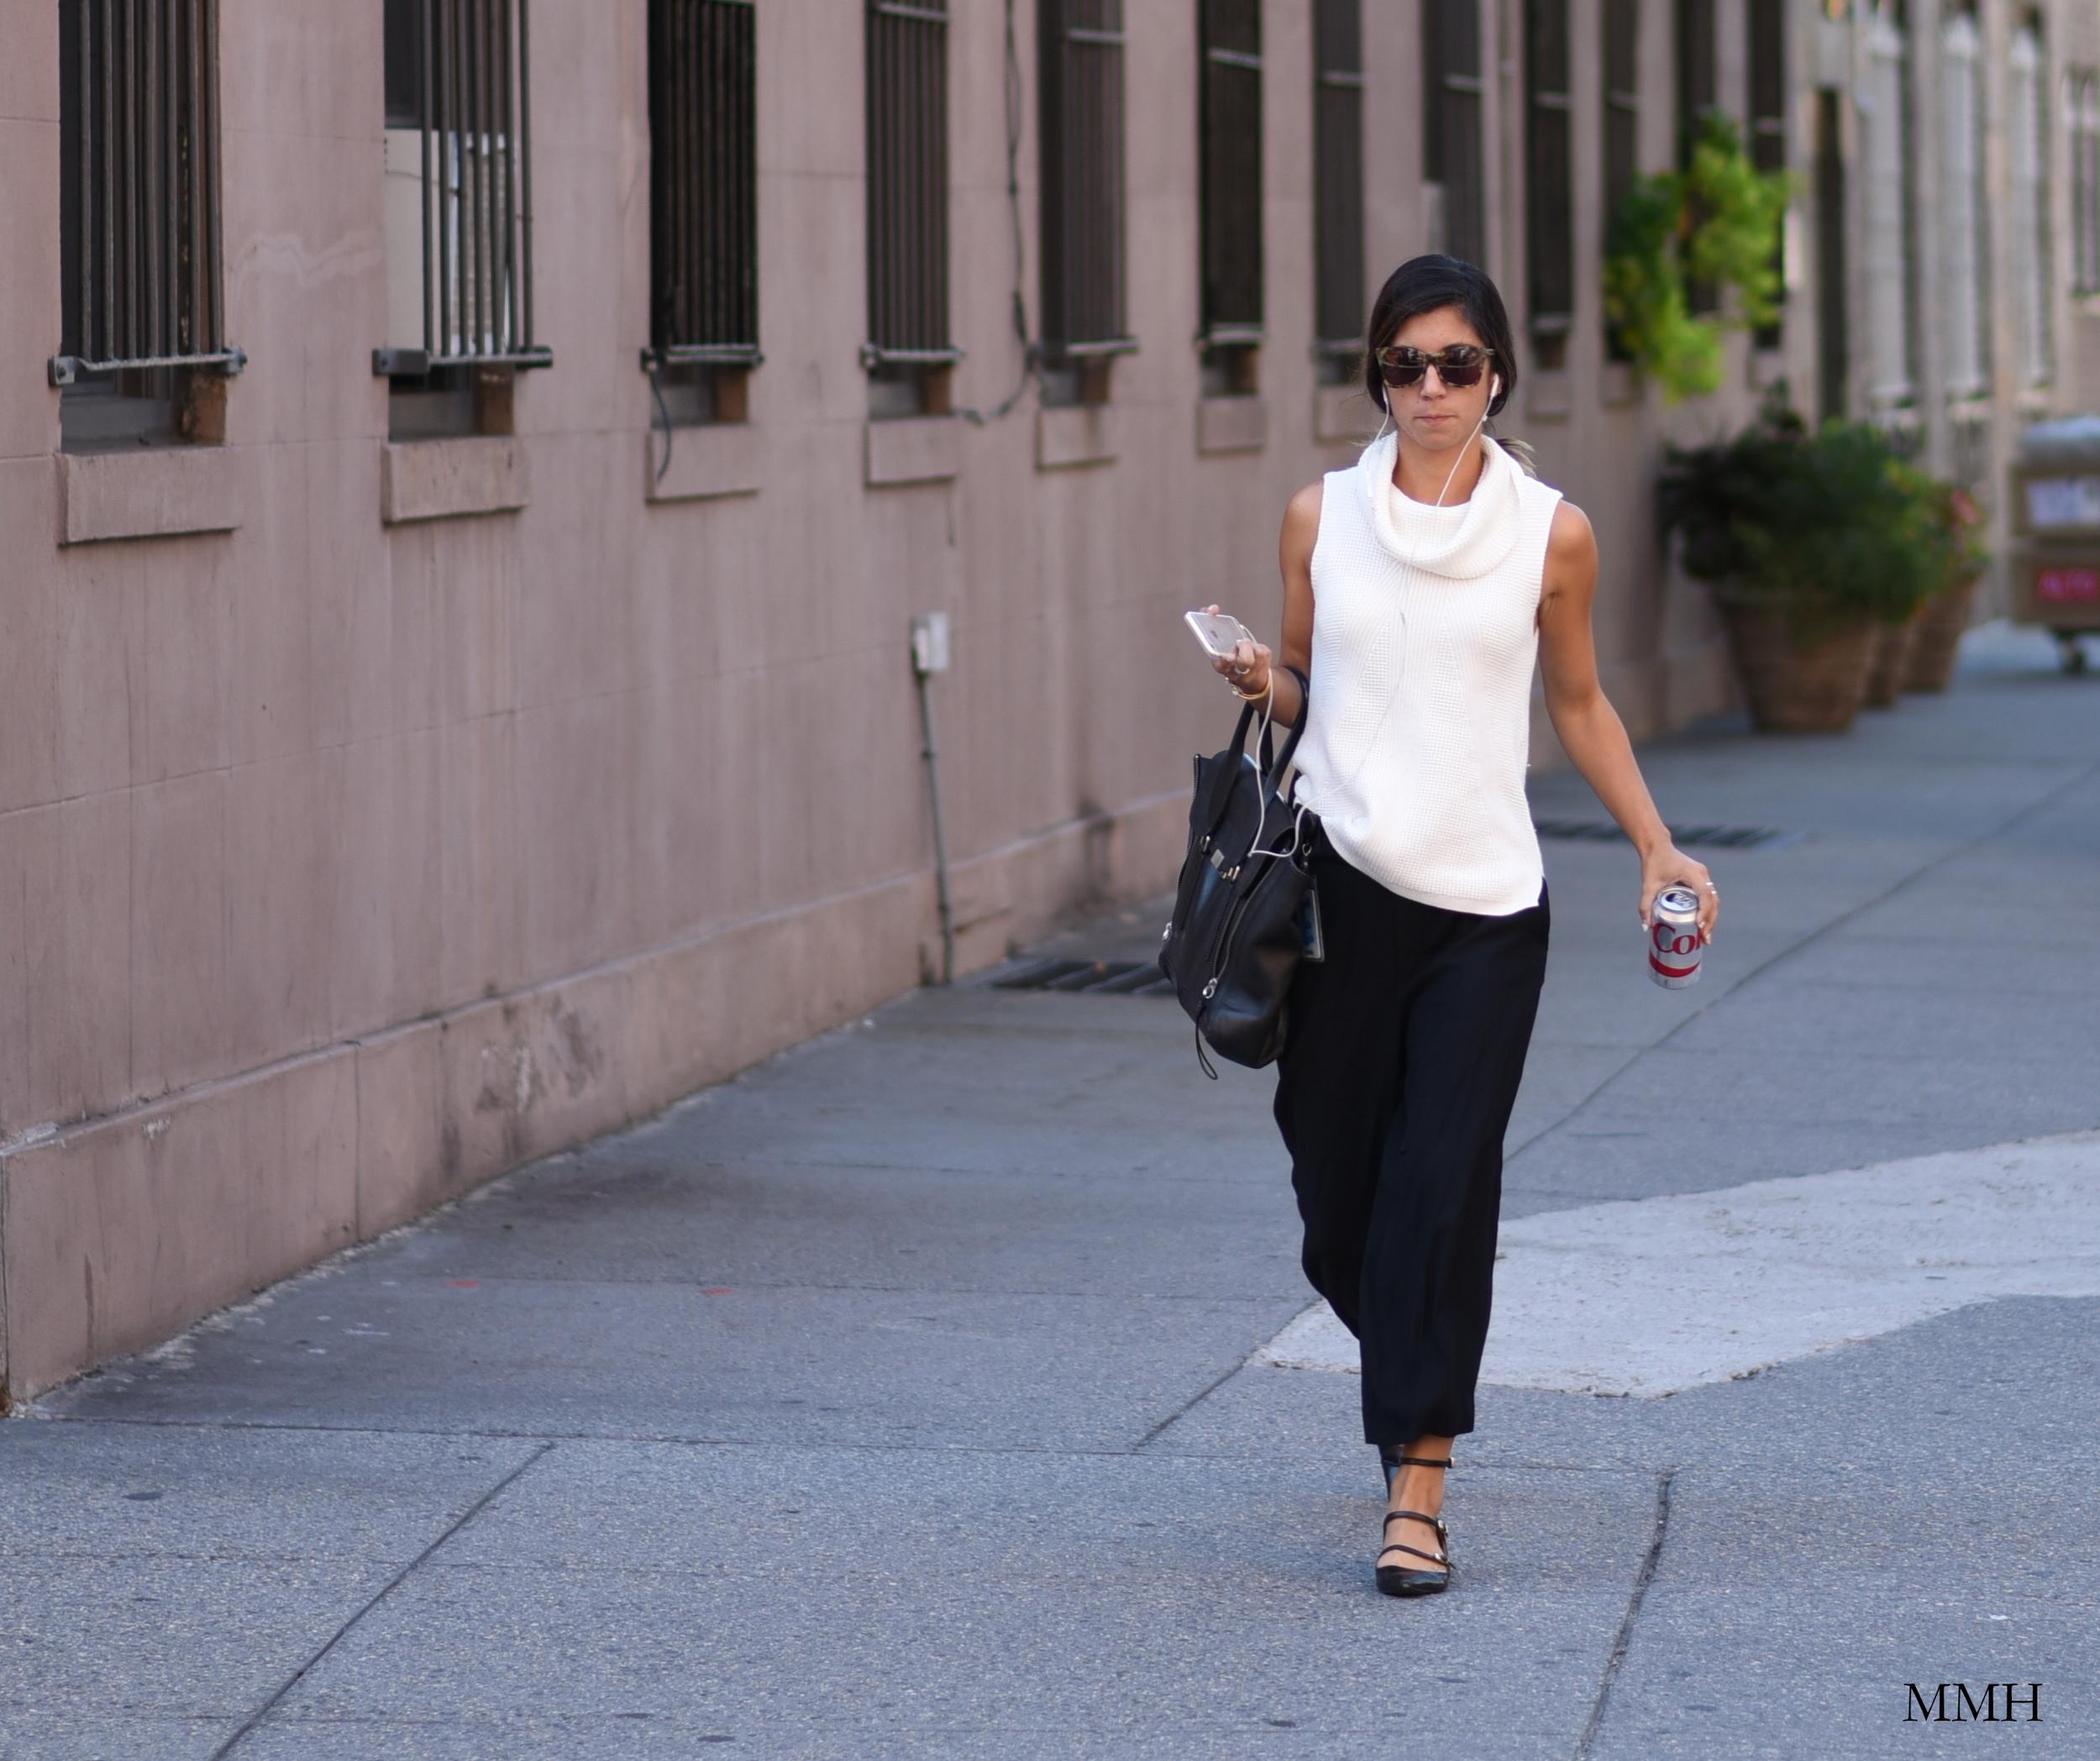 girl-walking-in-new-york-city.jpg